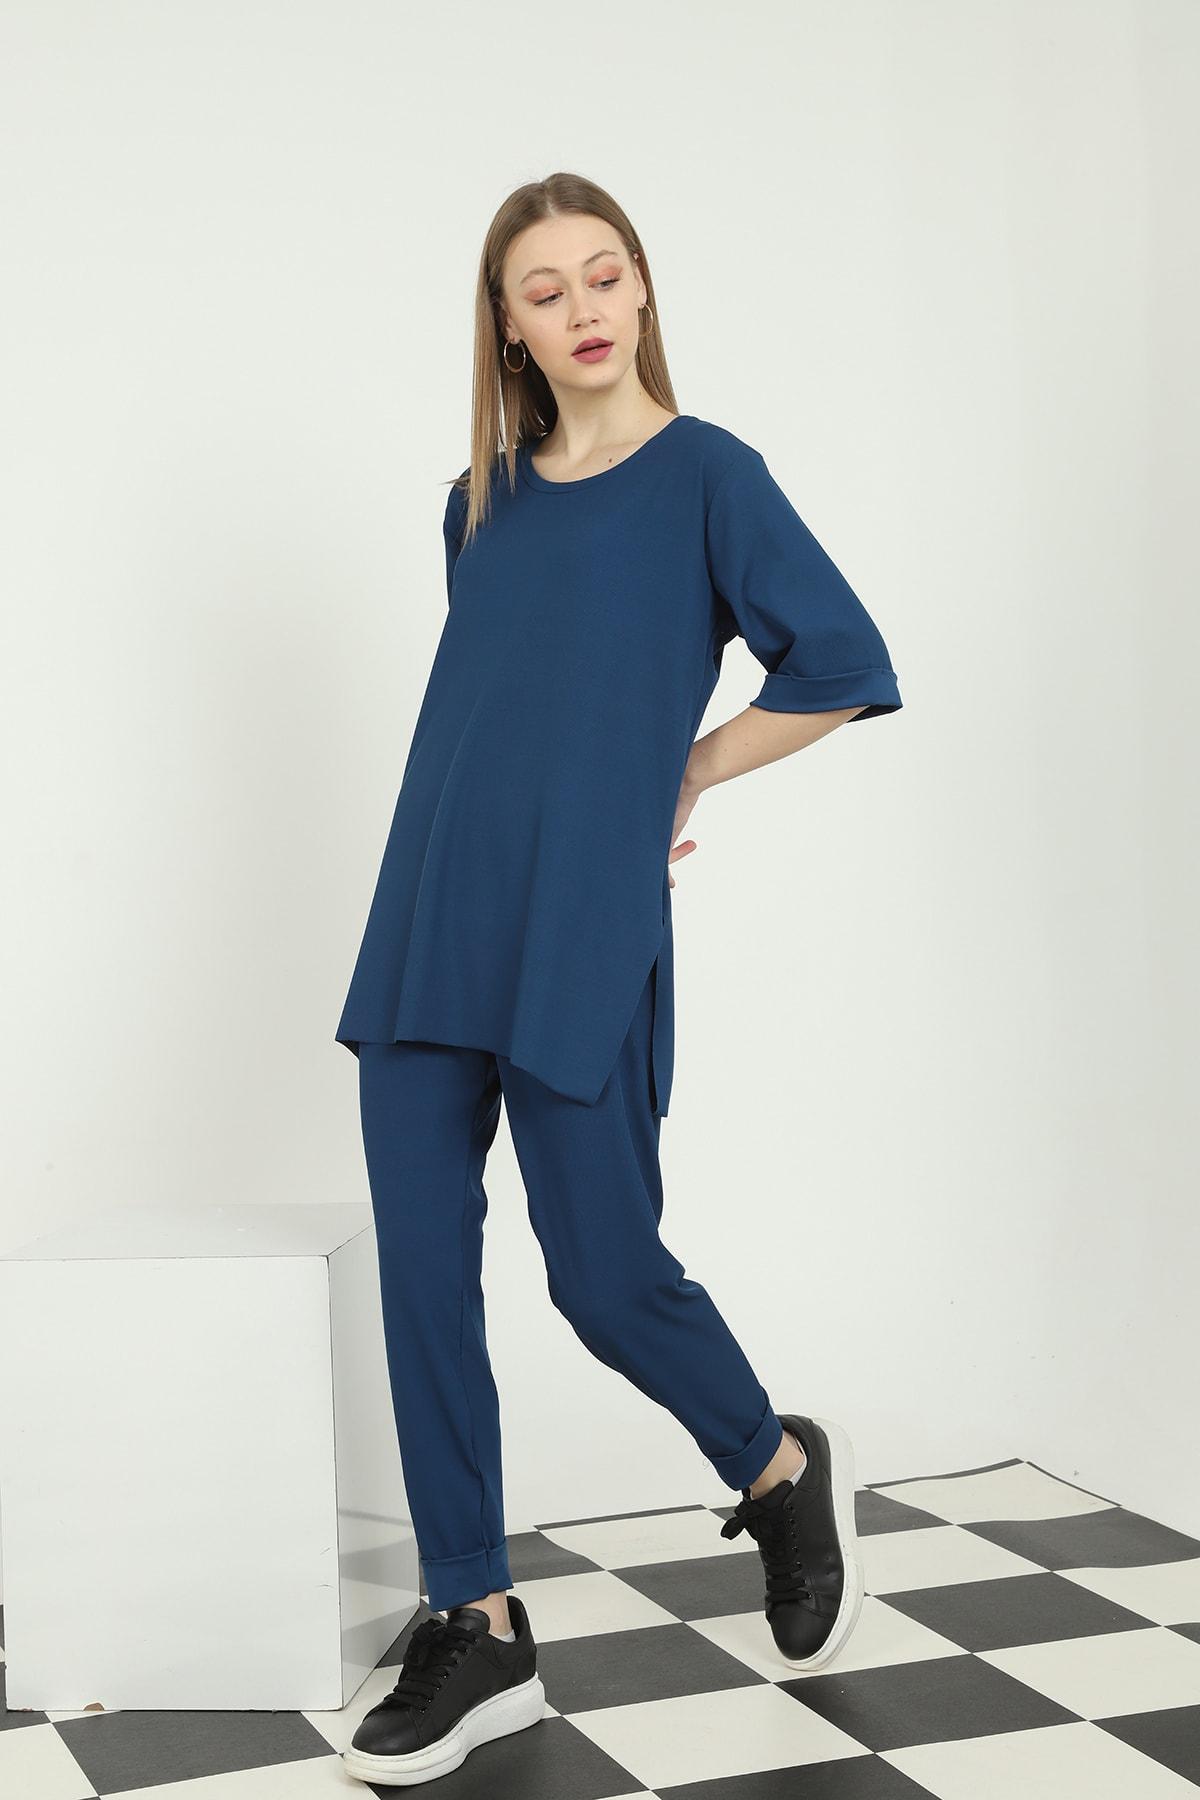 Makara Moda Oversize Yandan Yırtmaçlı Tişört Sigaret Beli Lastikli Pantolon Ikili Takım 1